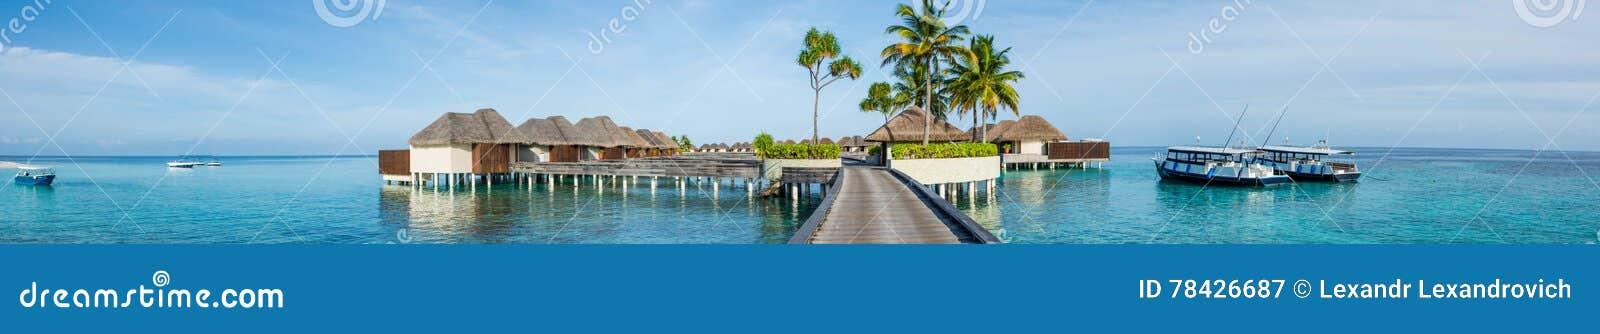 Schönes tropisches Strandpanorama von bungalos mit Brücke nahe dem Ozean mit Palmen und Booten bei Malediven